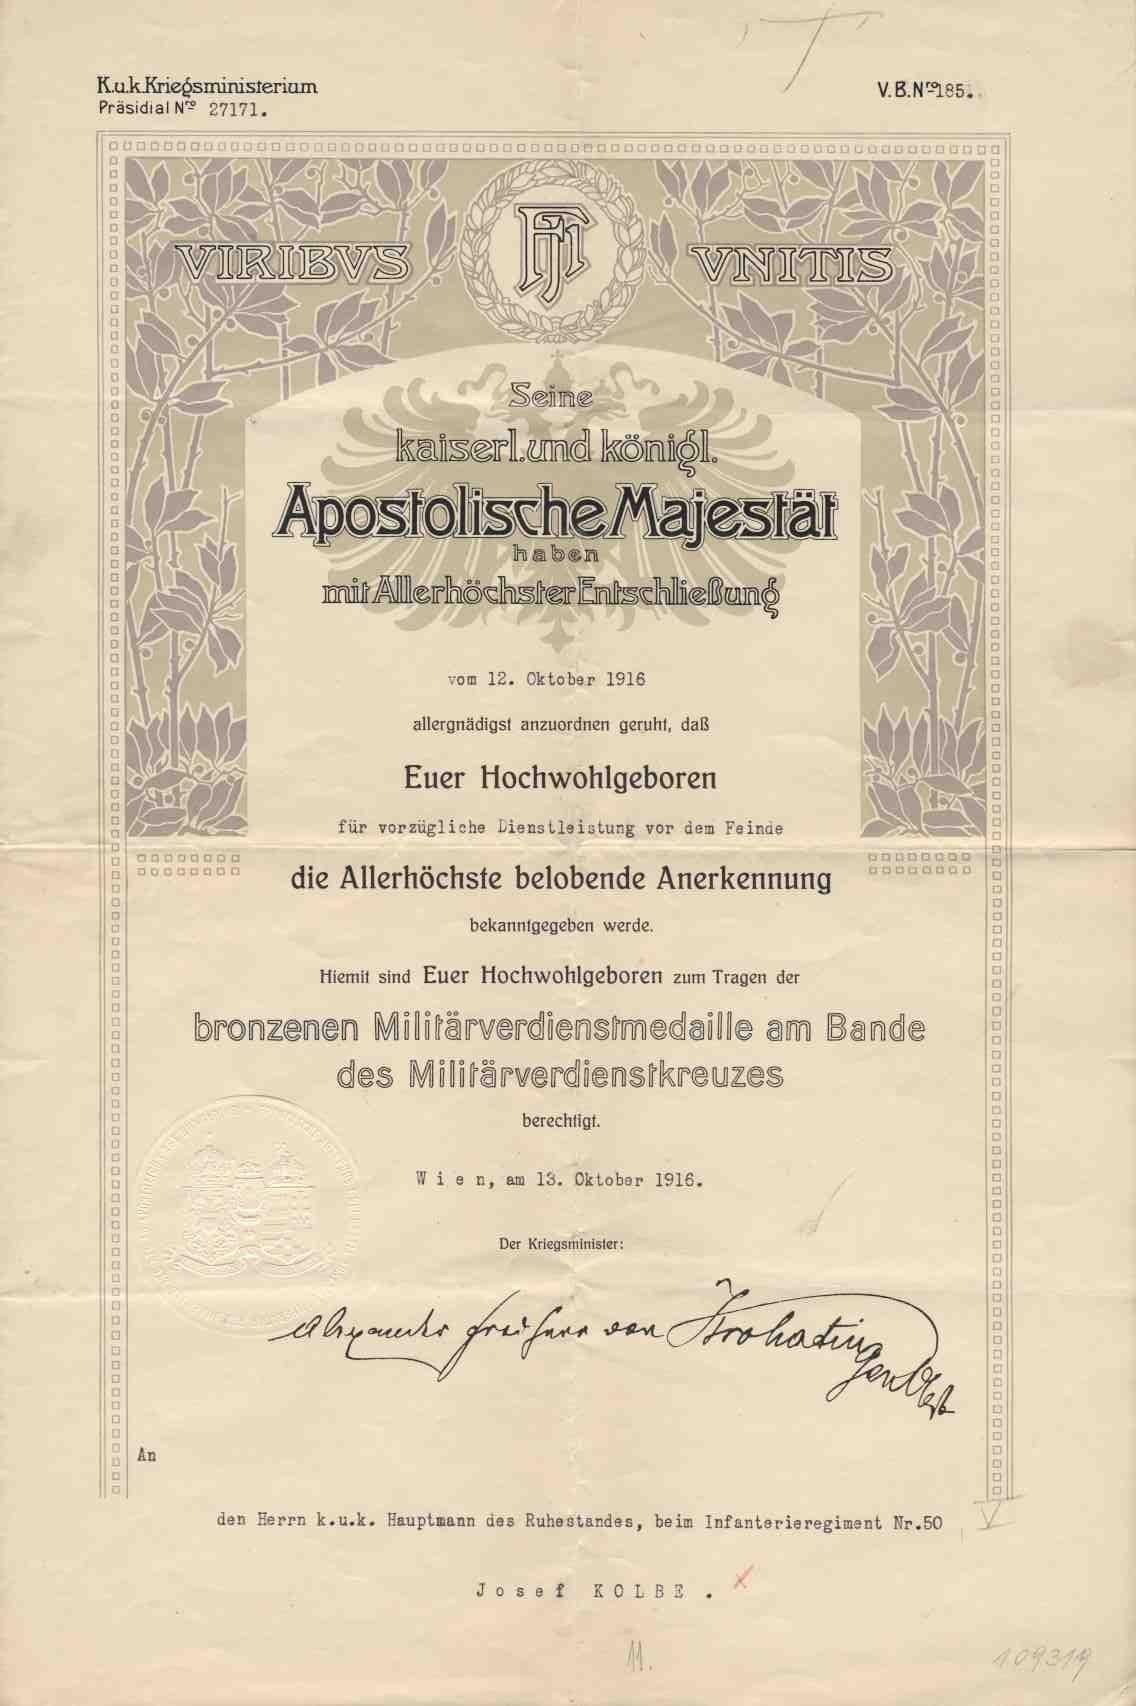 bronze military merit medal certificate 1916